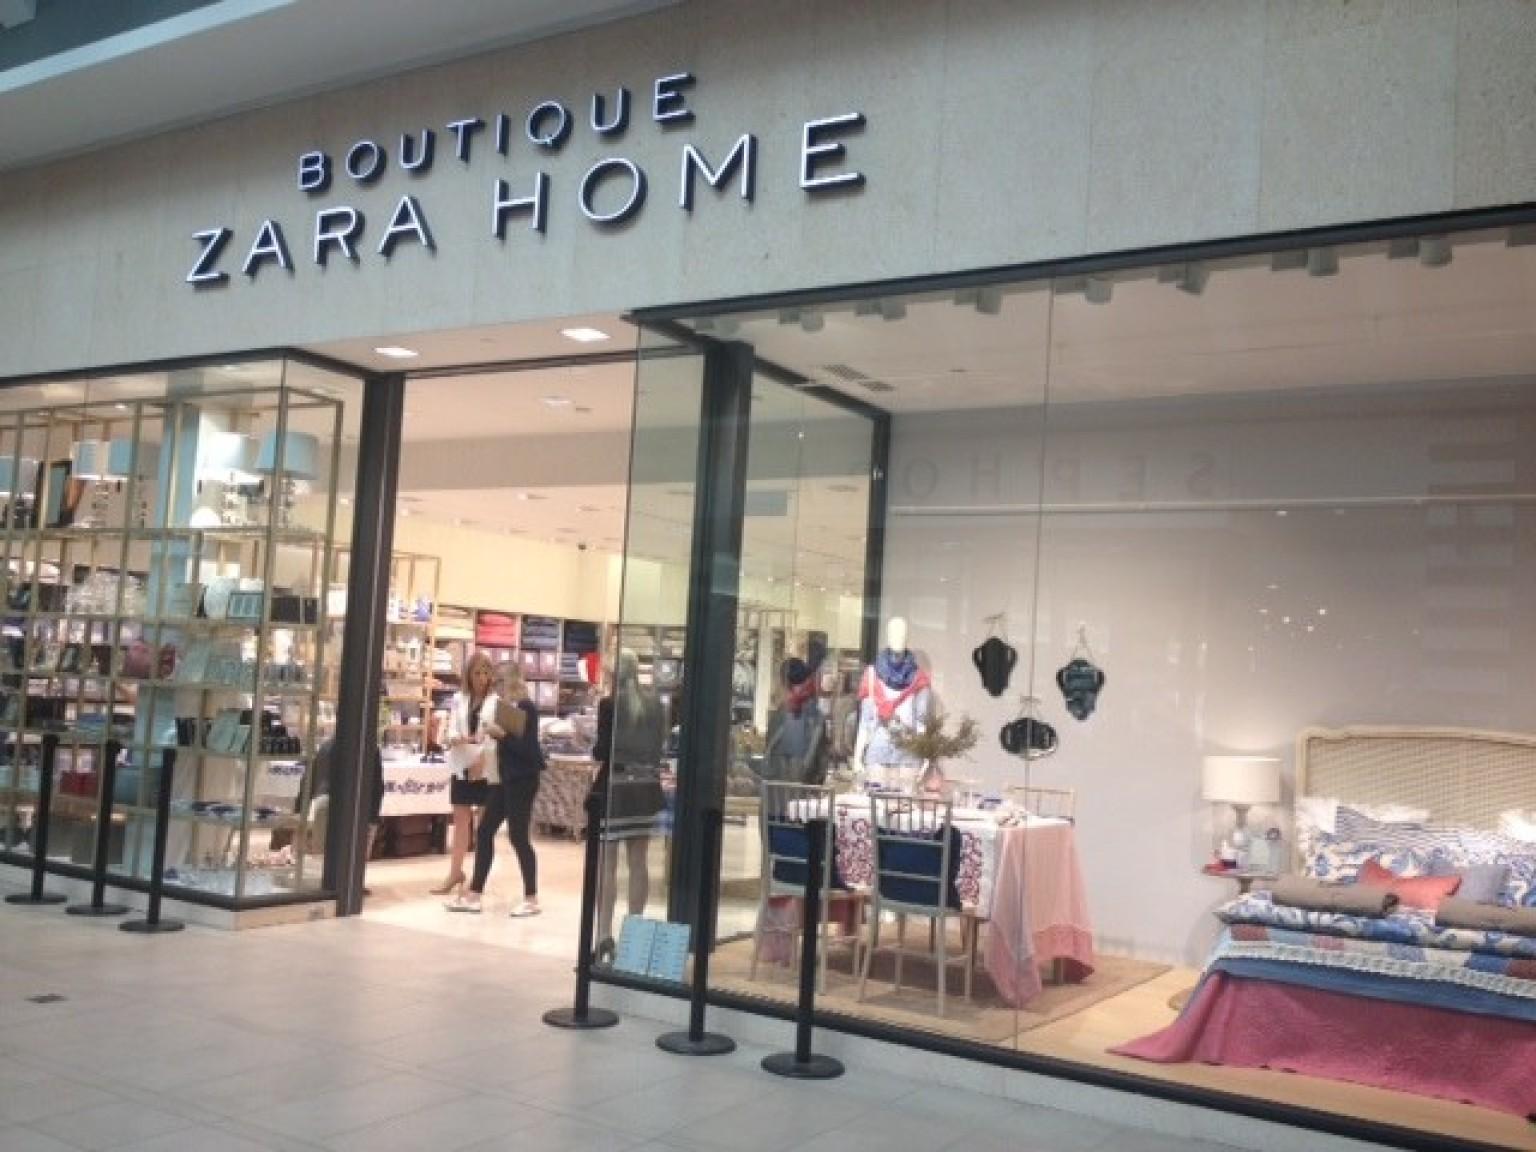 La boutique zara home du carrefour laval est ouverte - Zara home france magasins ...